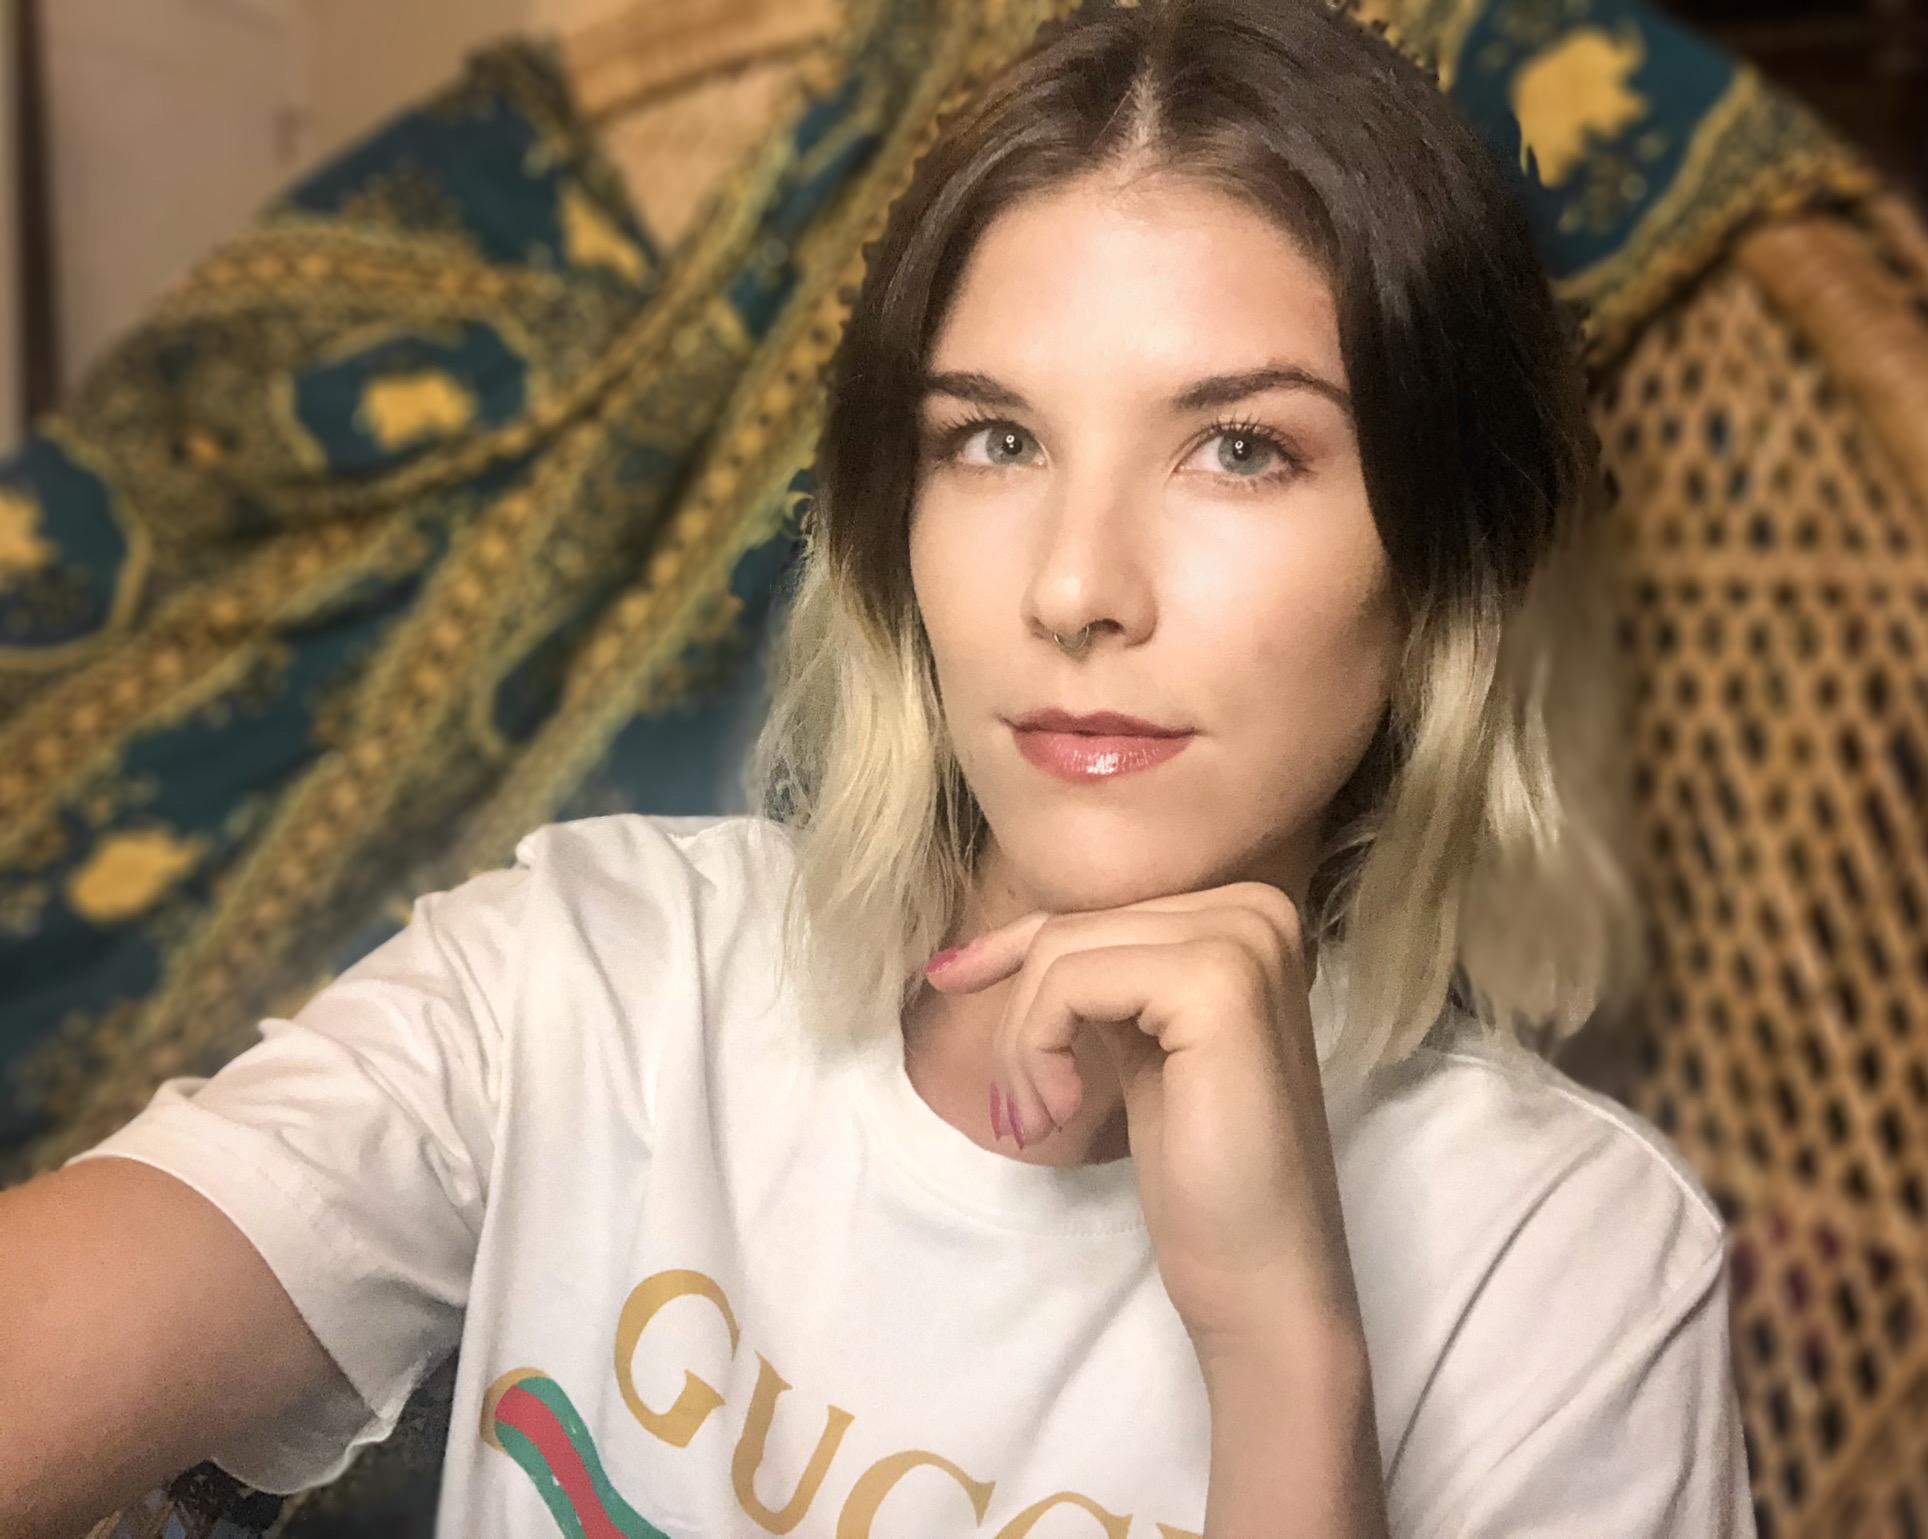 Profilfoto Sydney O